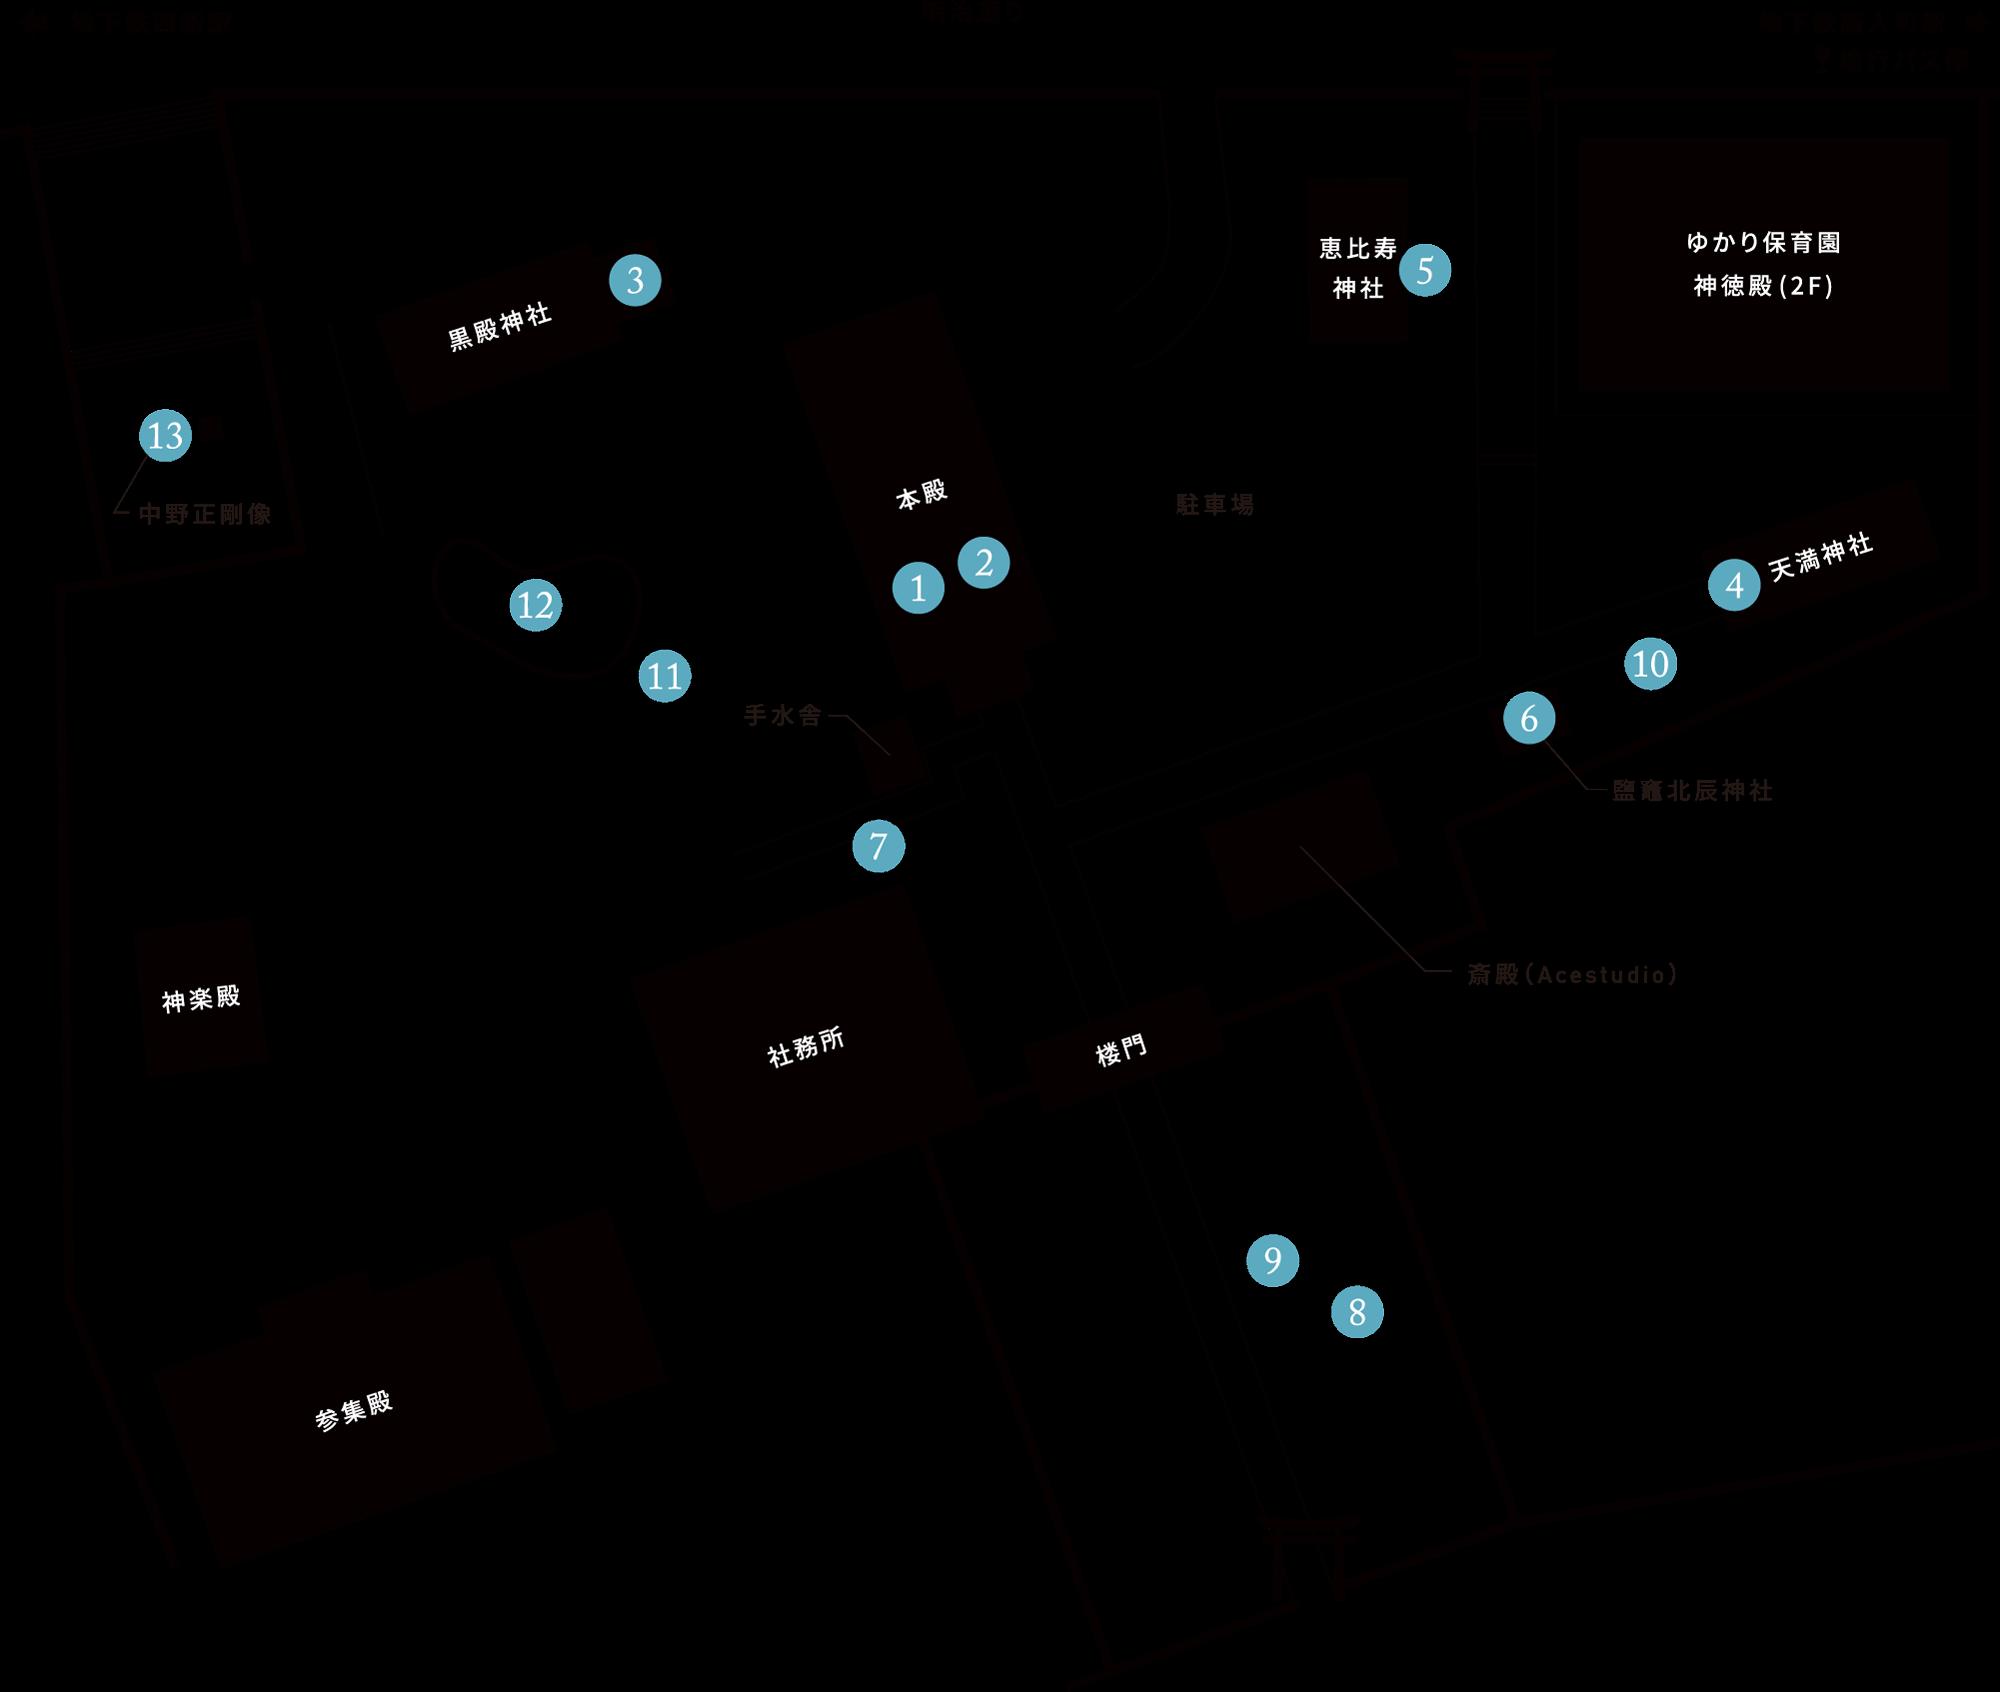 神社内地図